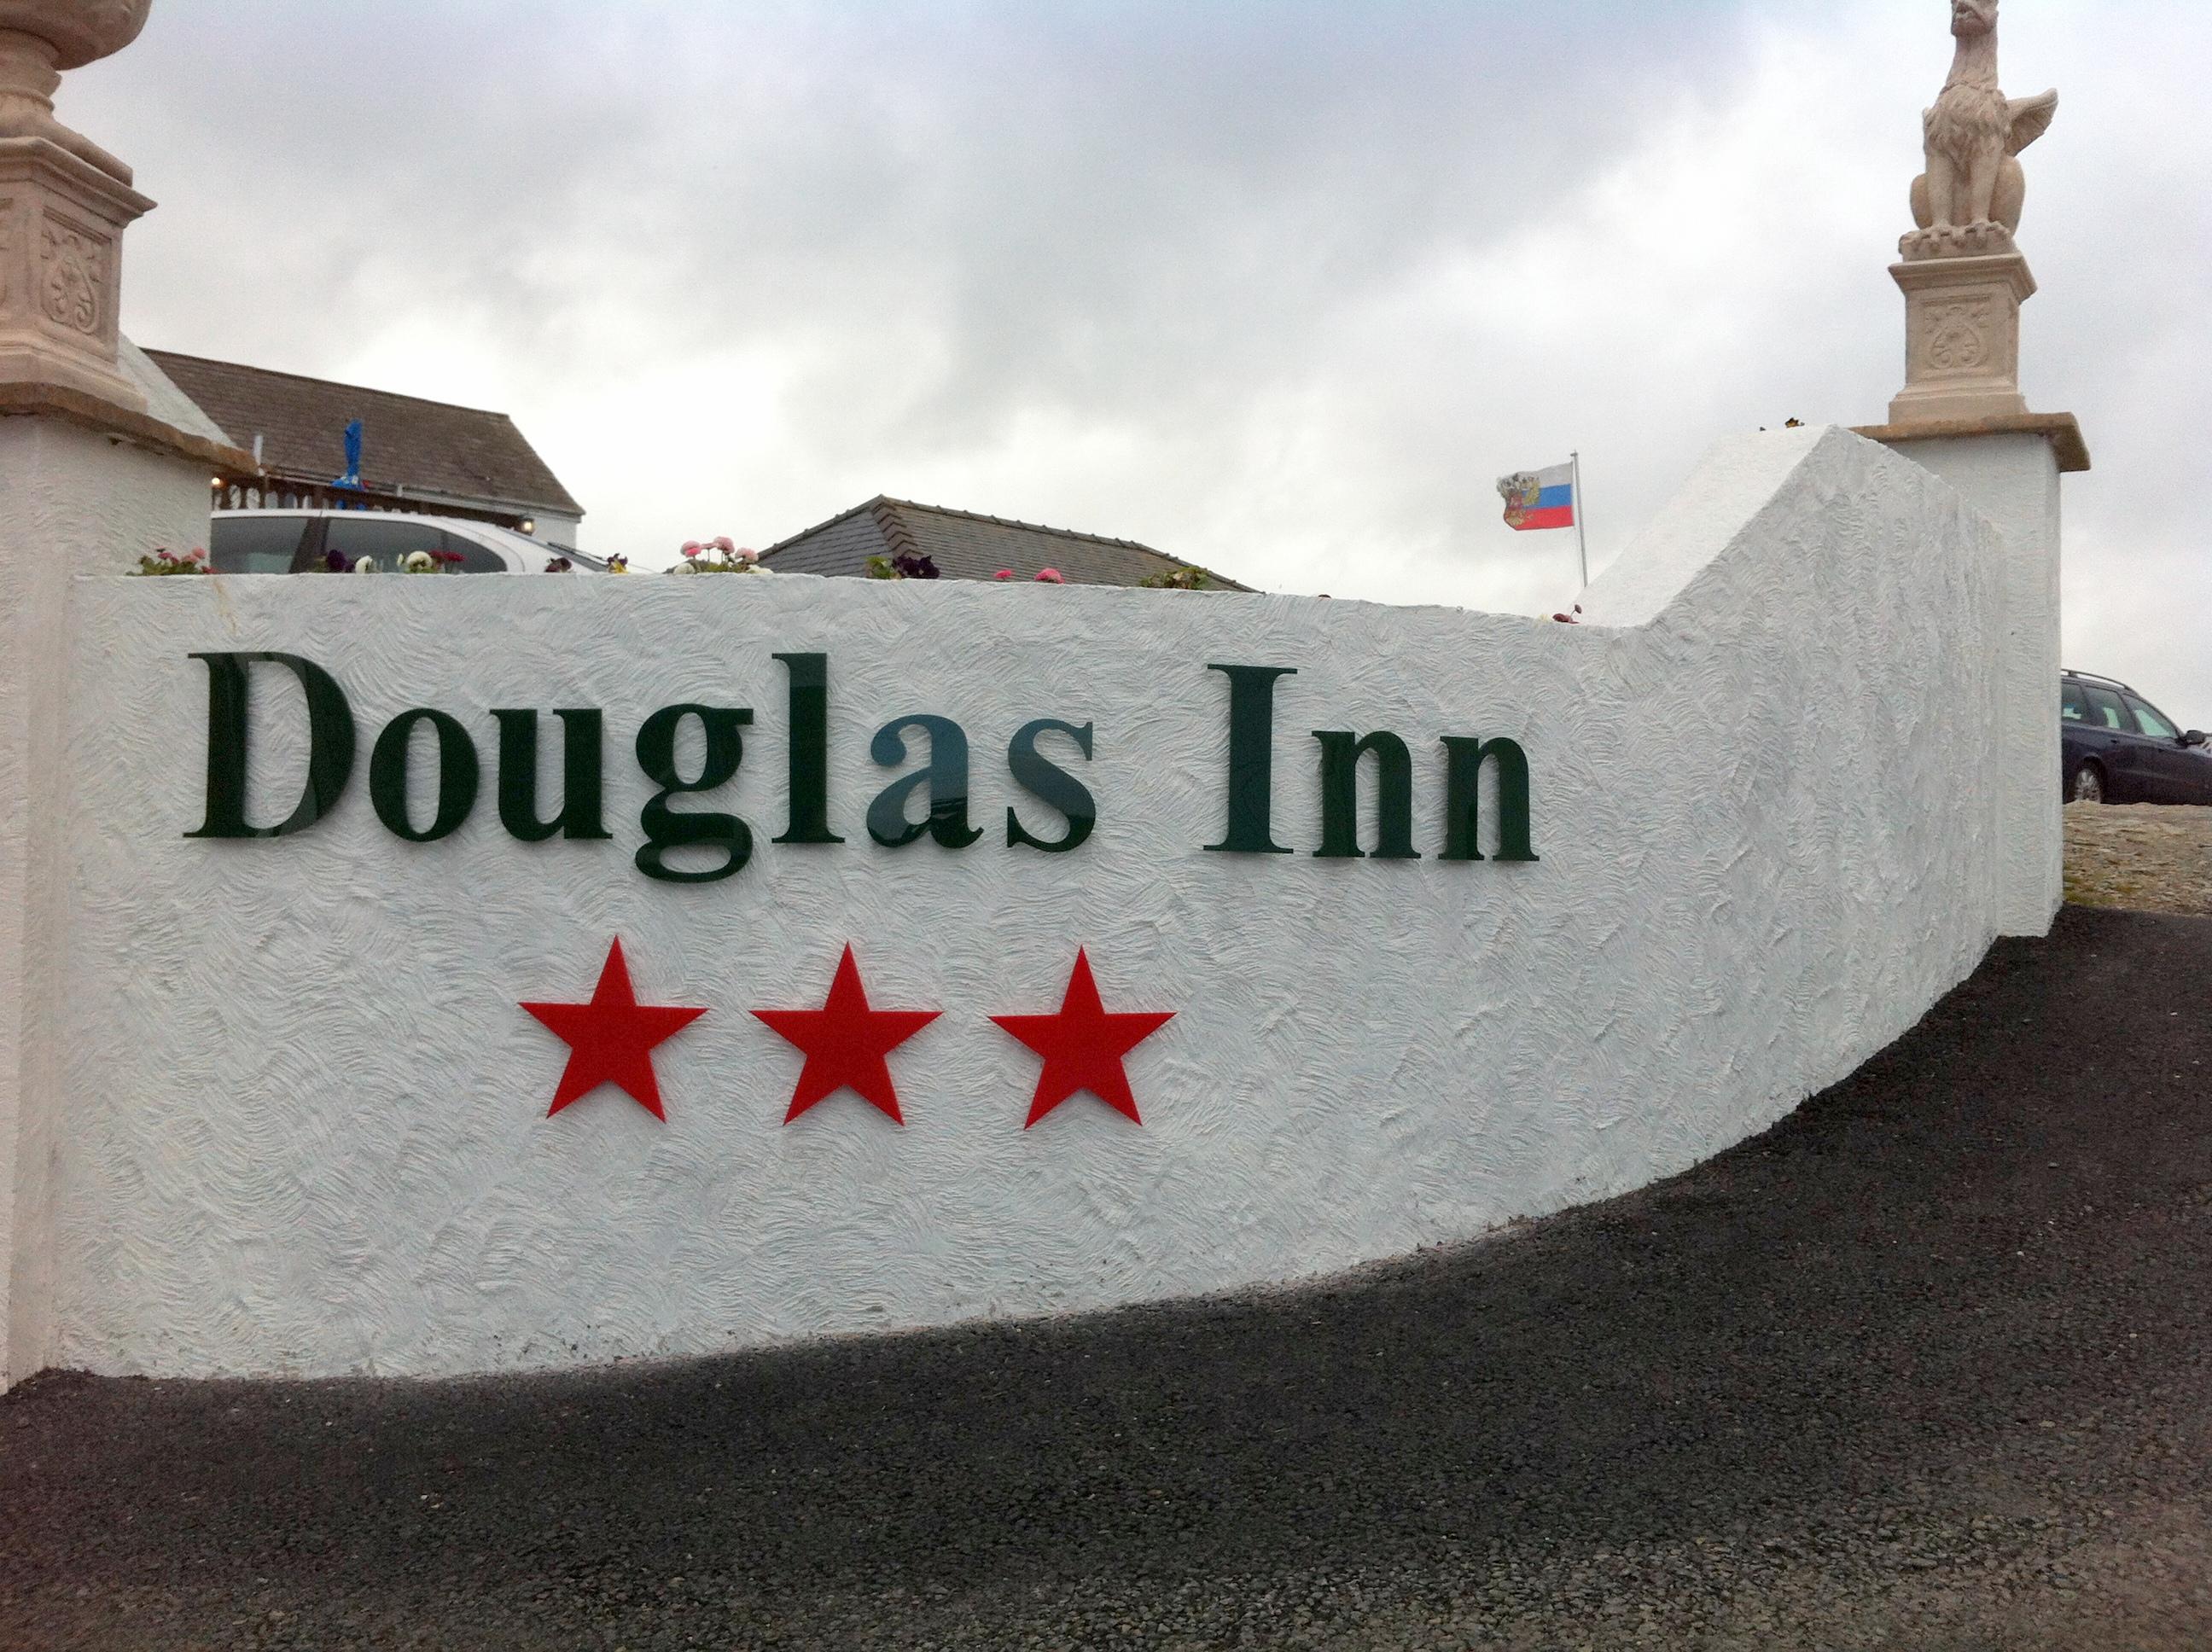 Douglass Inn letters and stars